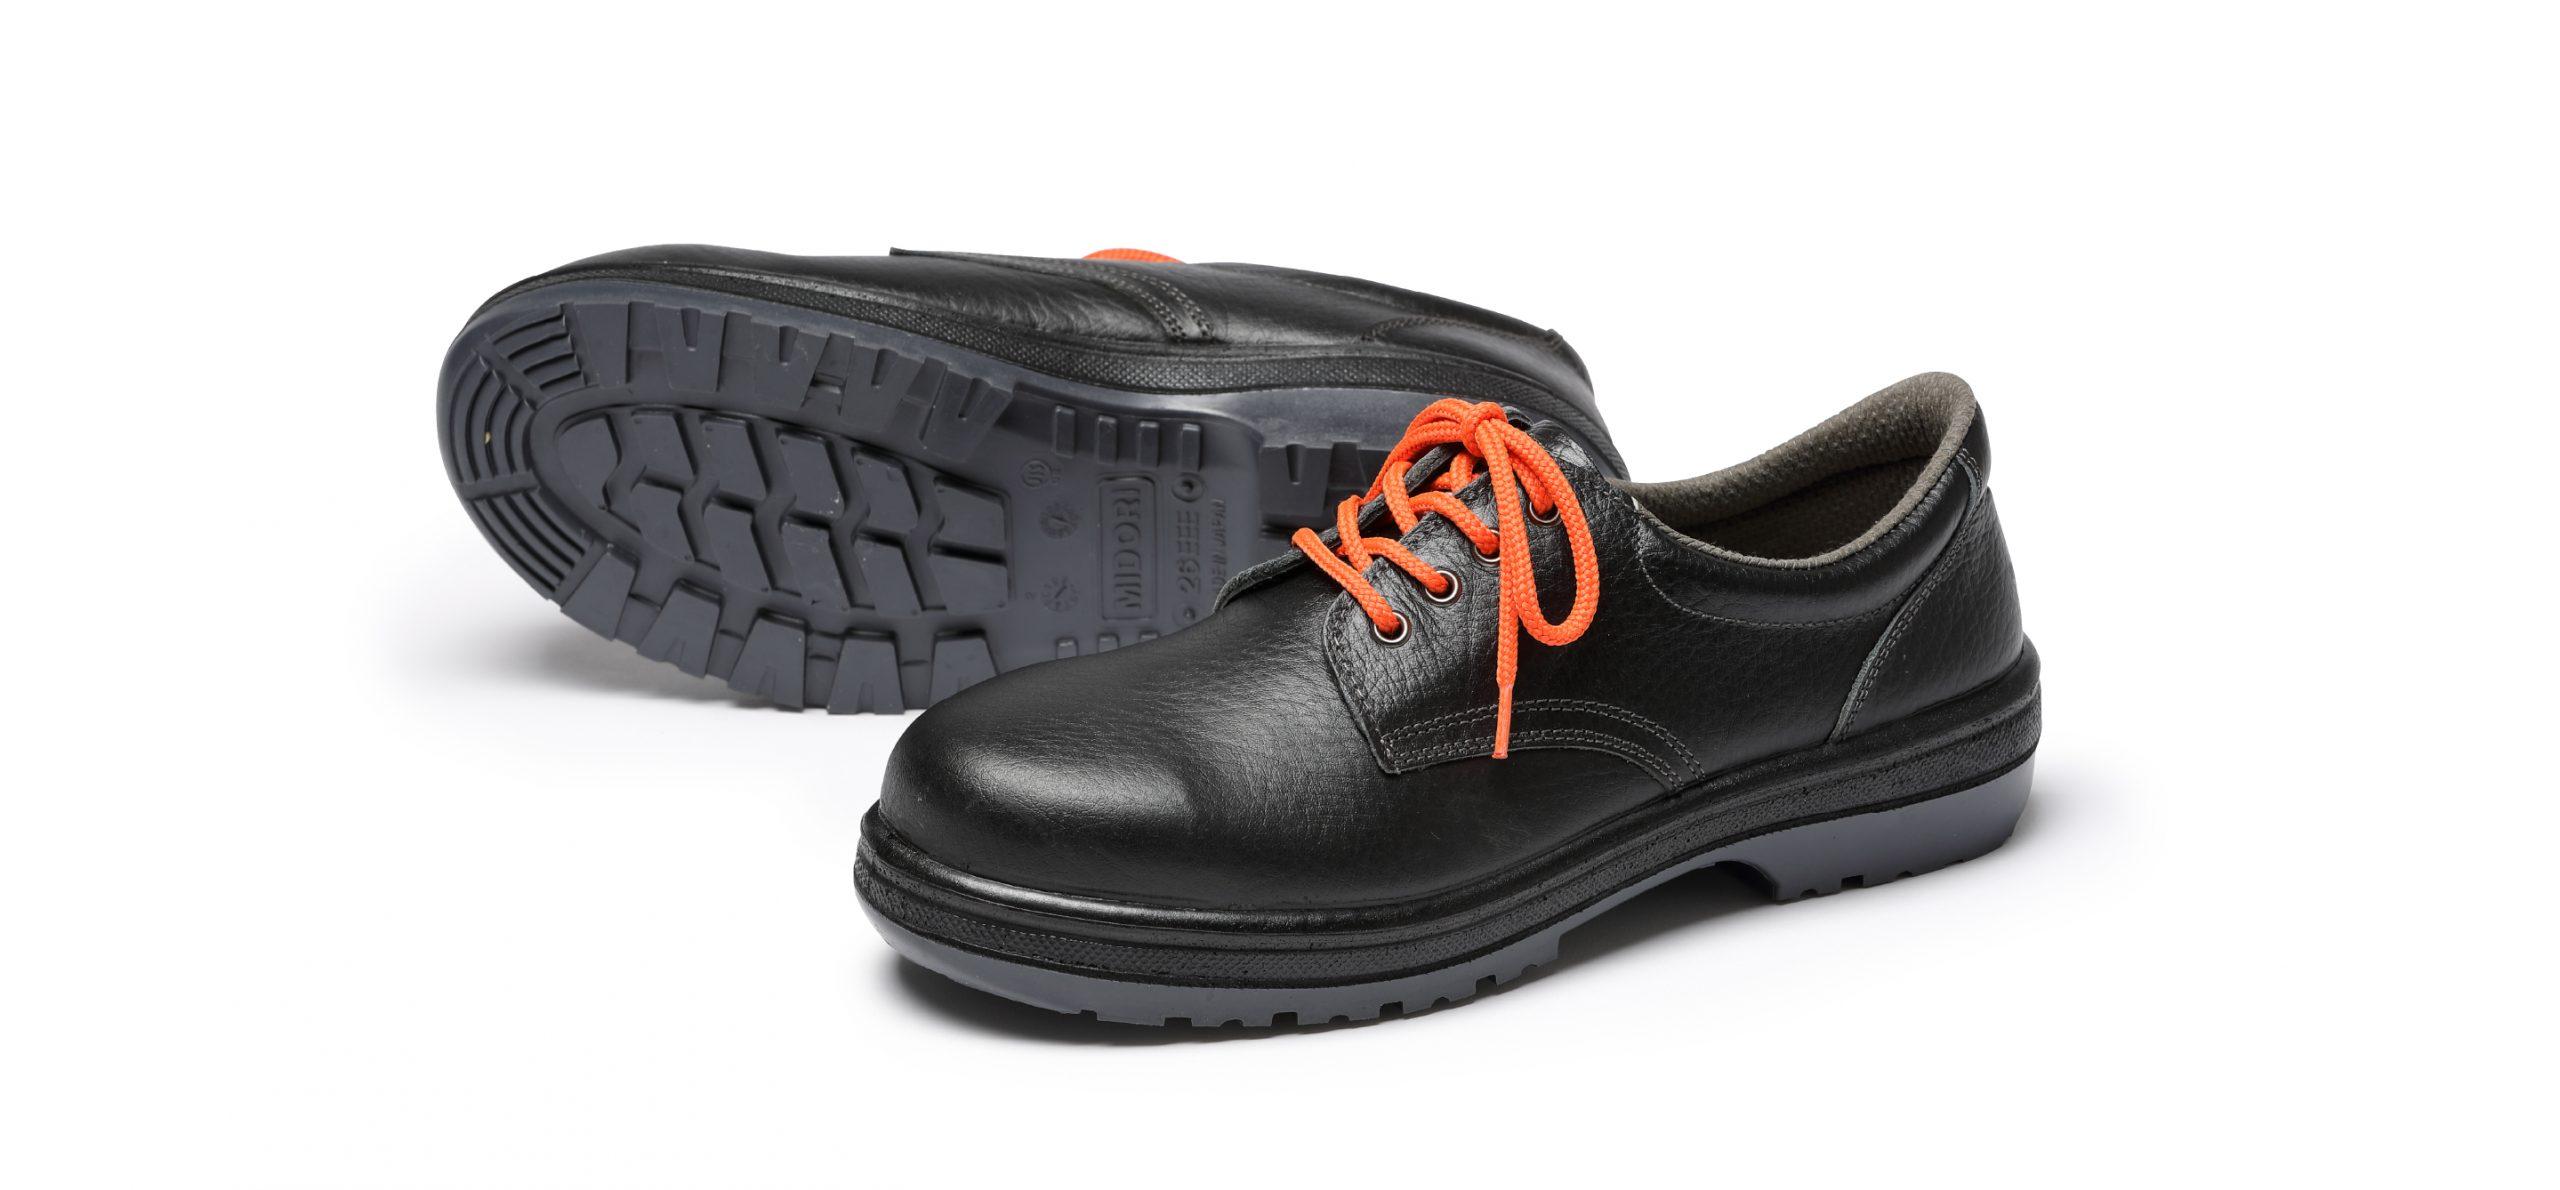 絶縁合成ゴム2層底安全靴